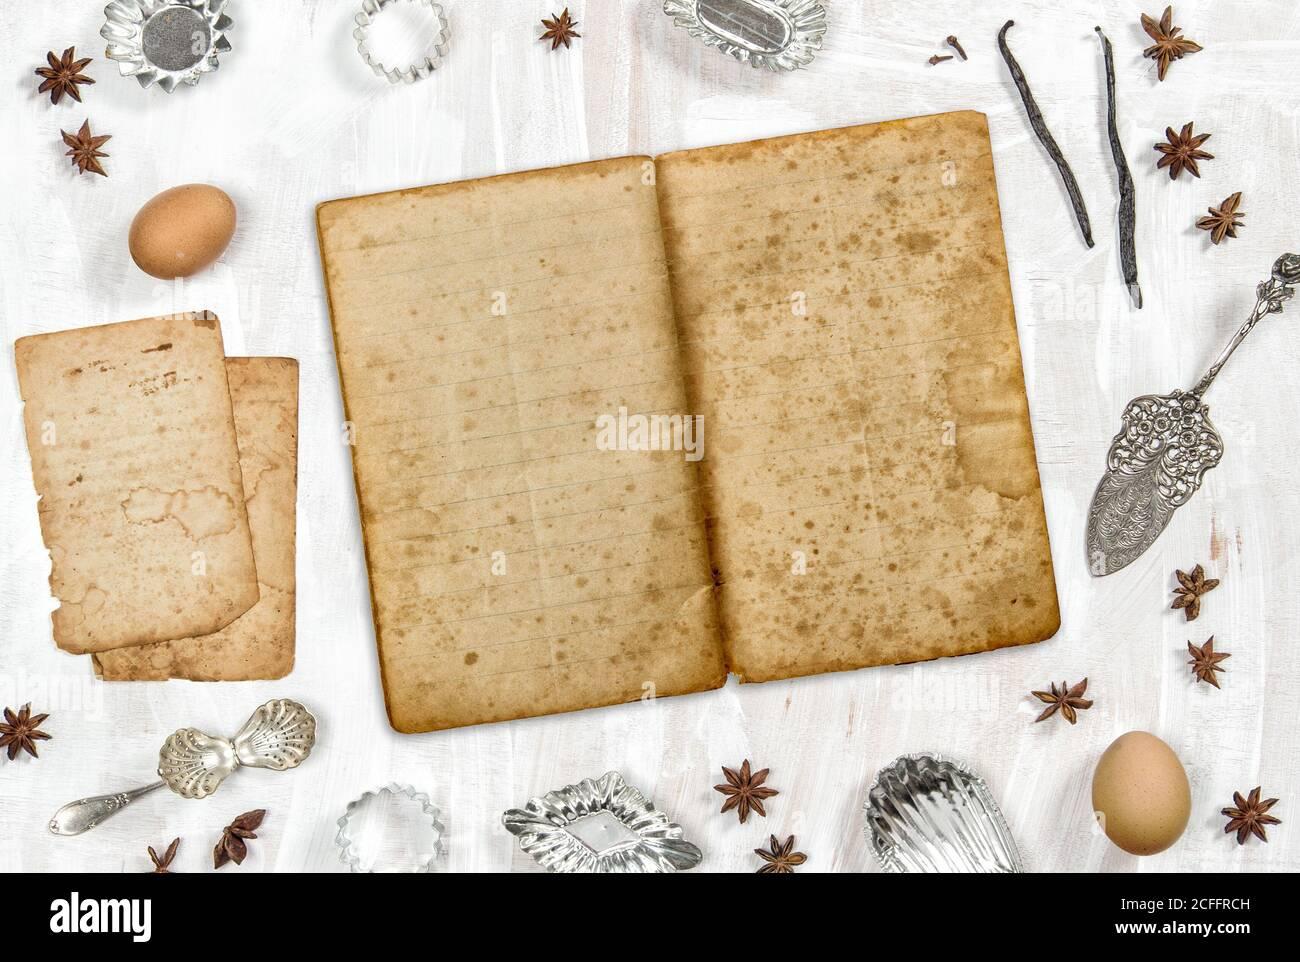 Ancienne maquette de livre de recettes. Fond plat de la nourriture Banque D'Images